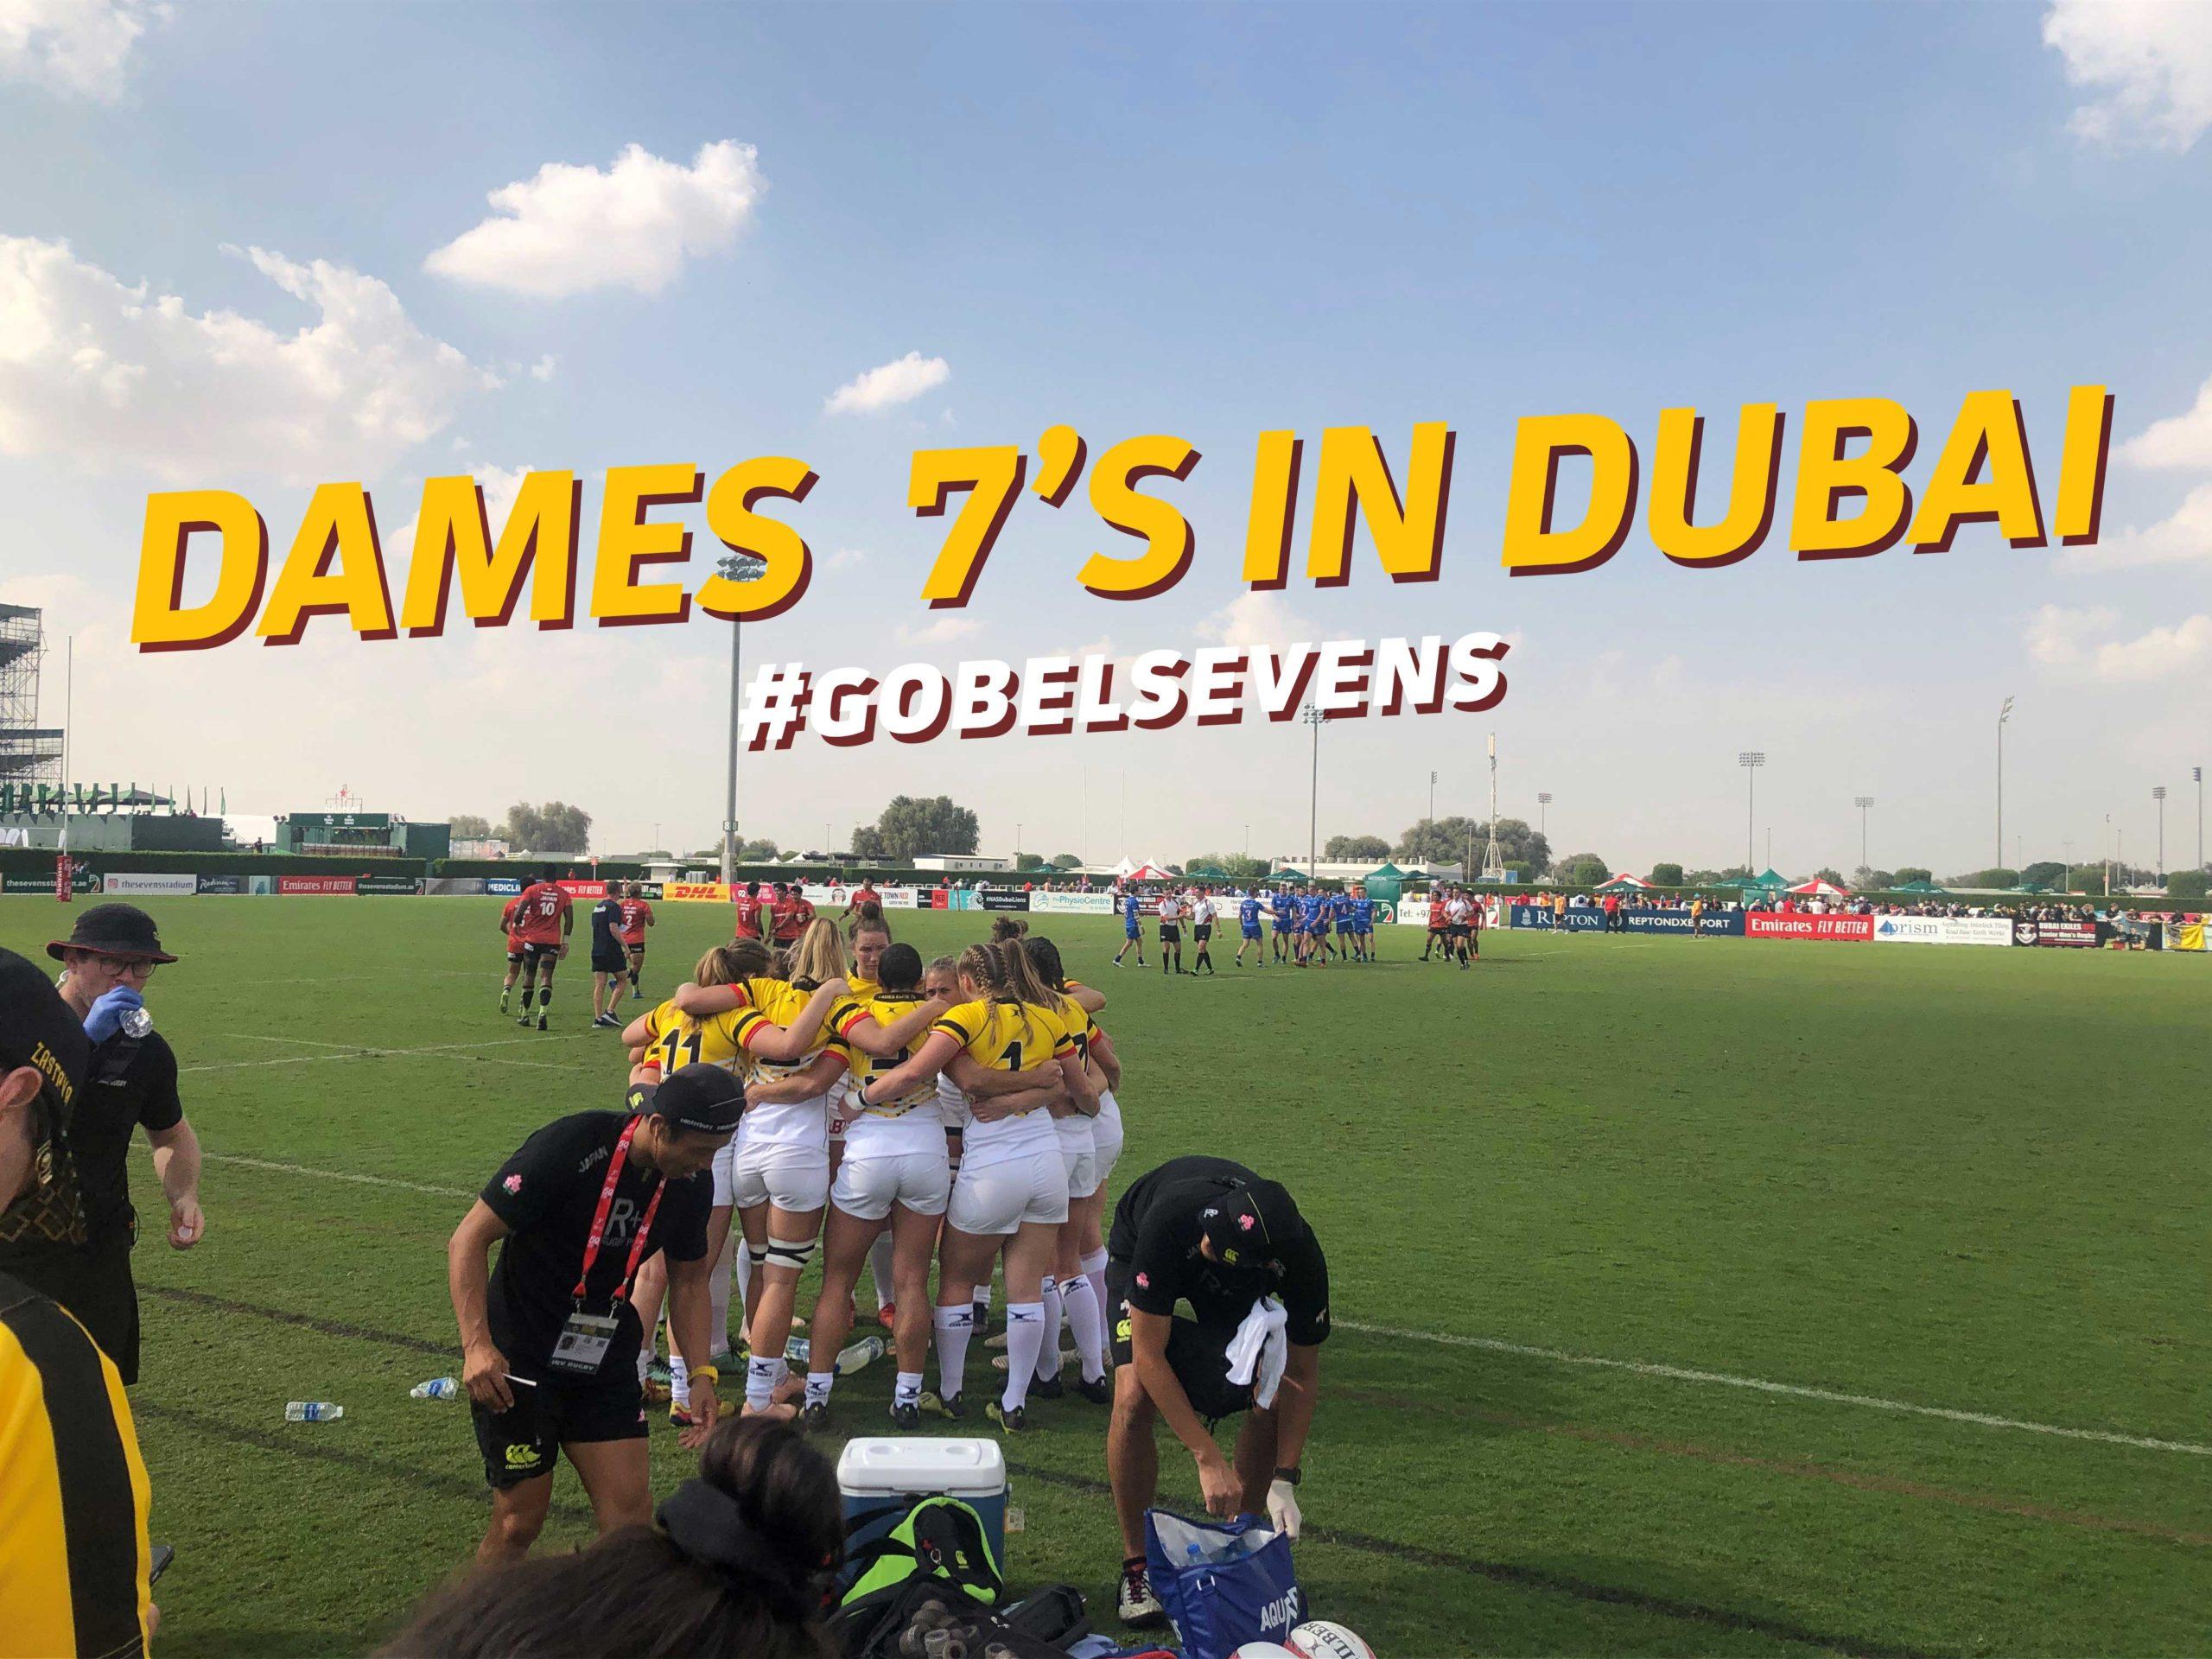 Dames 7's in Dubai